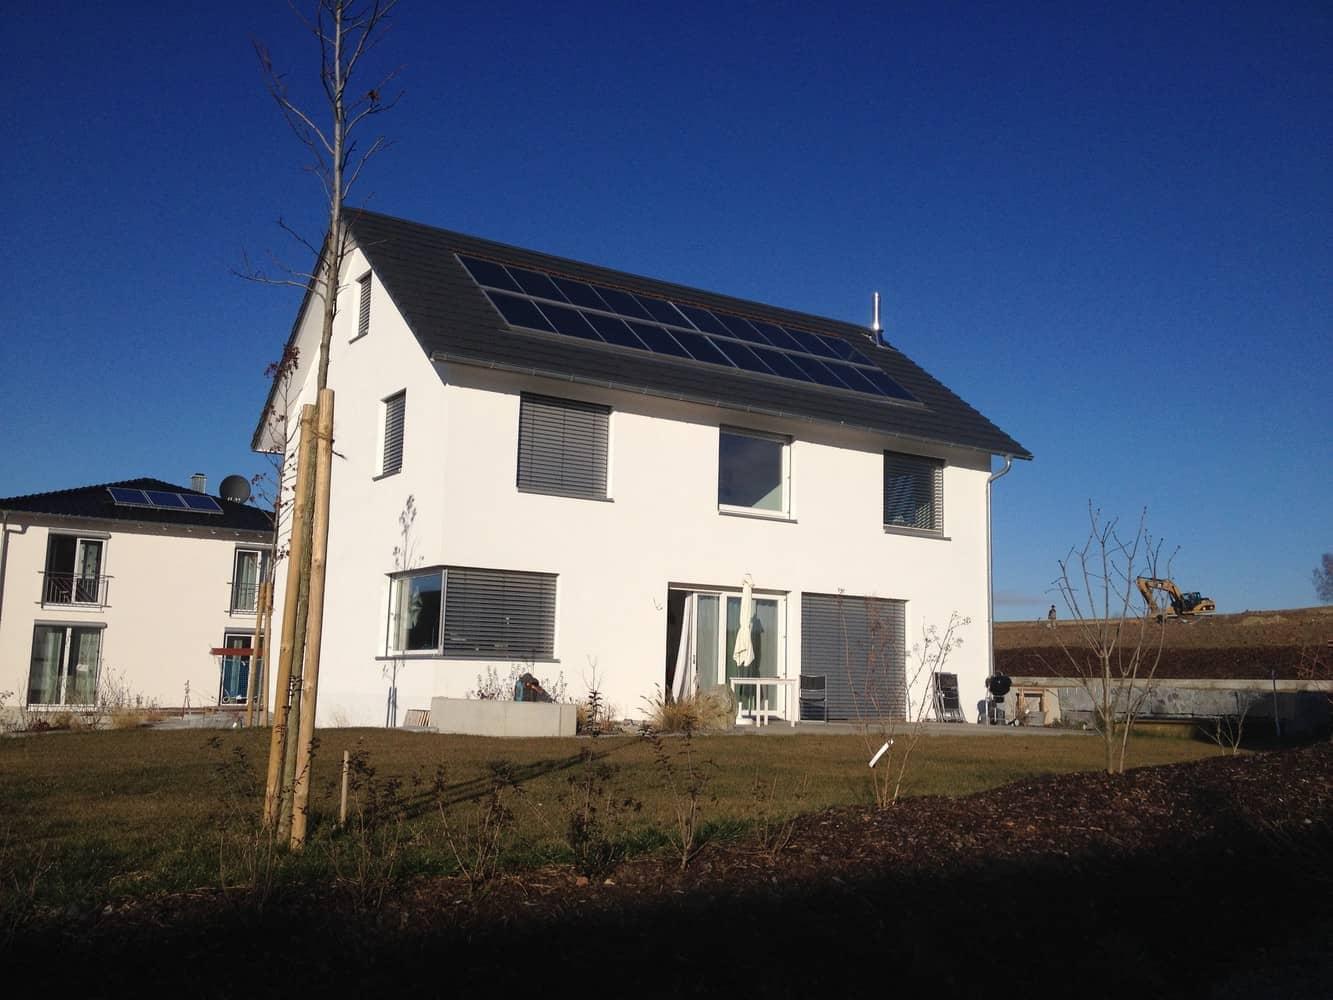 Mit Dem Sonnenhaus Energie  Und Heizkosten Sparen